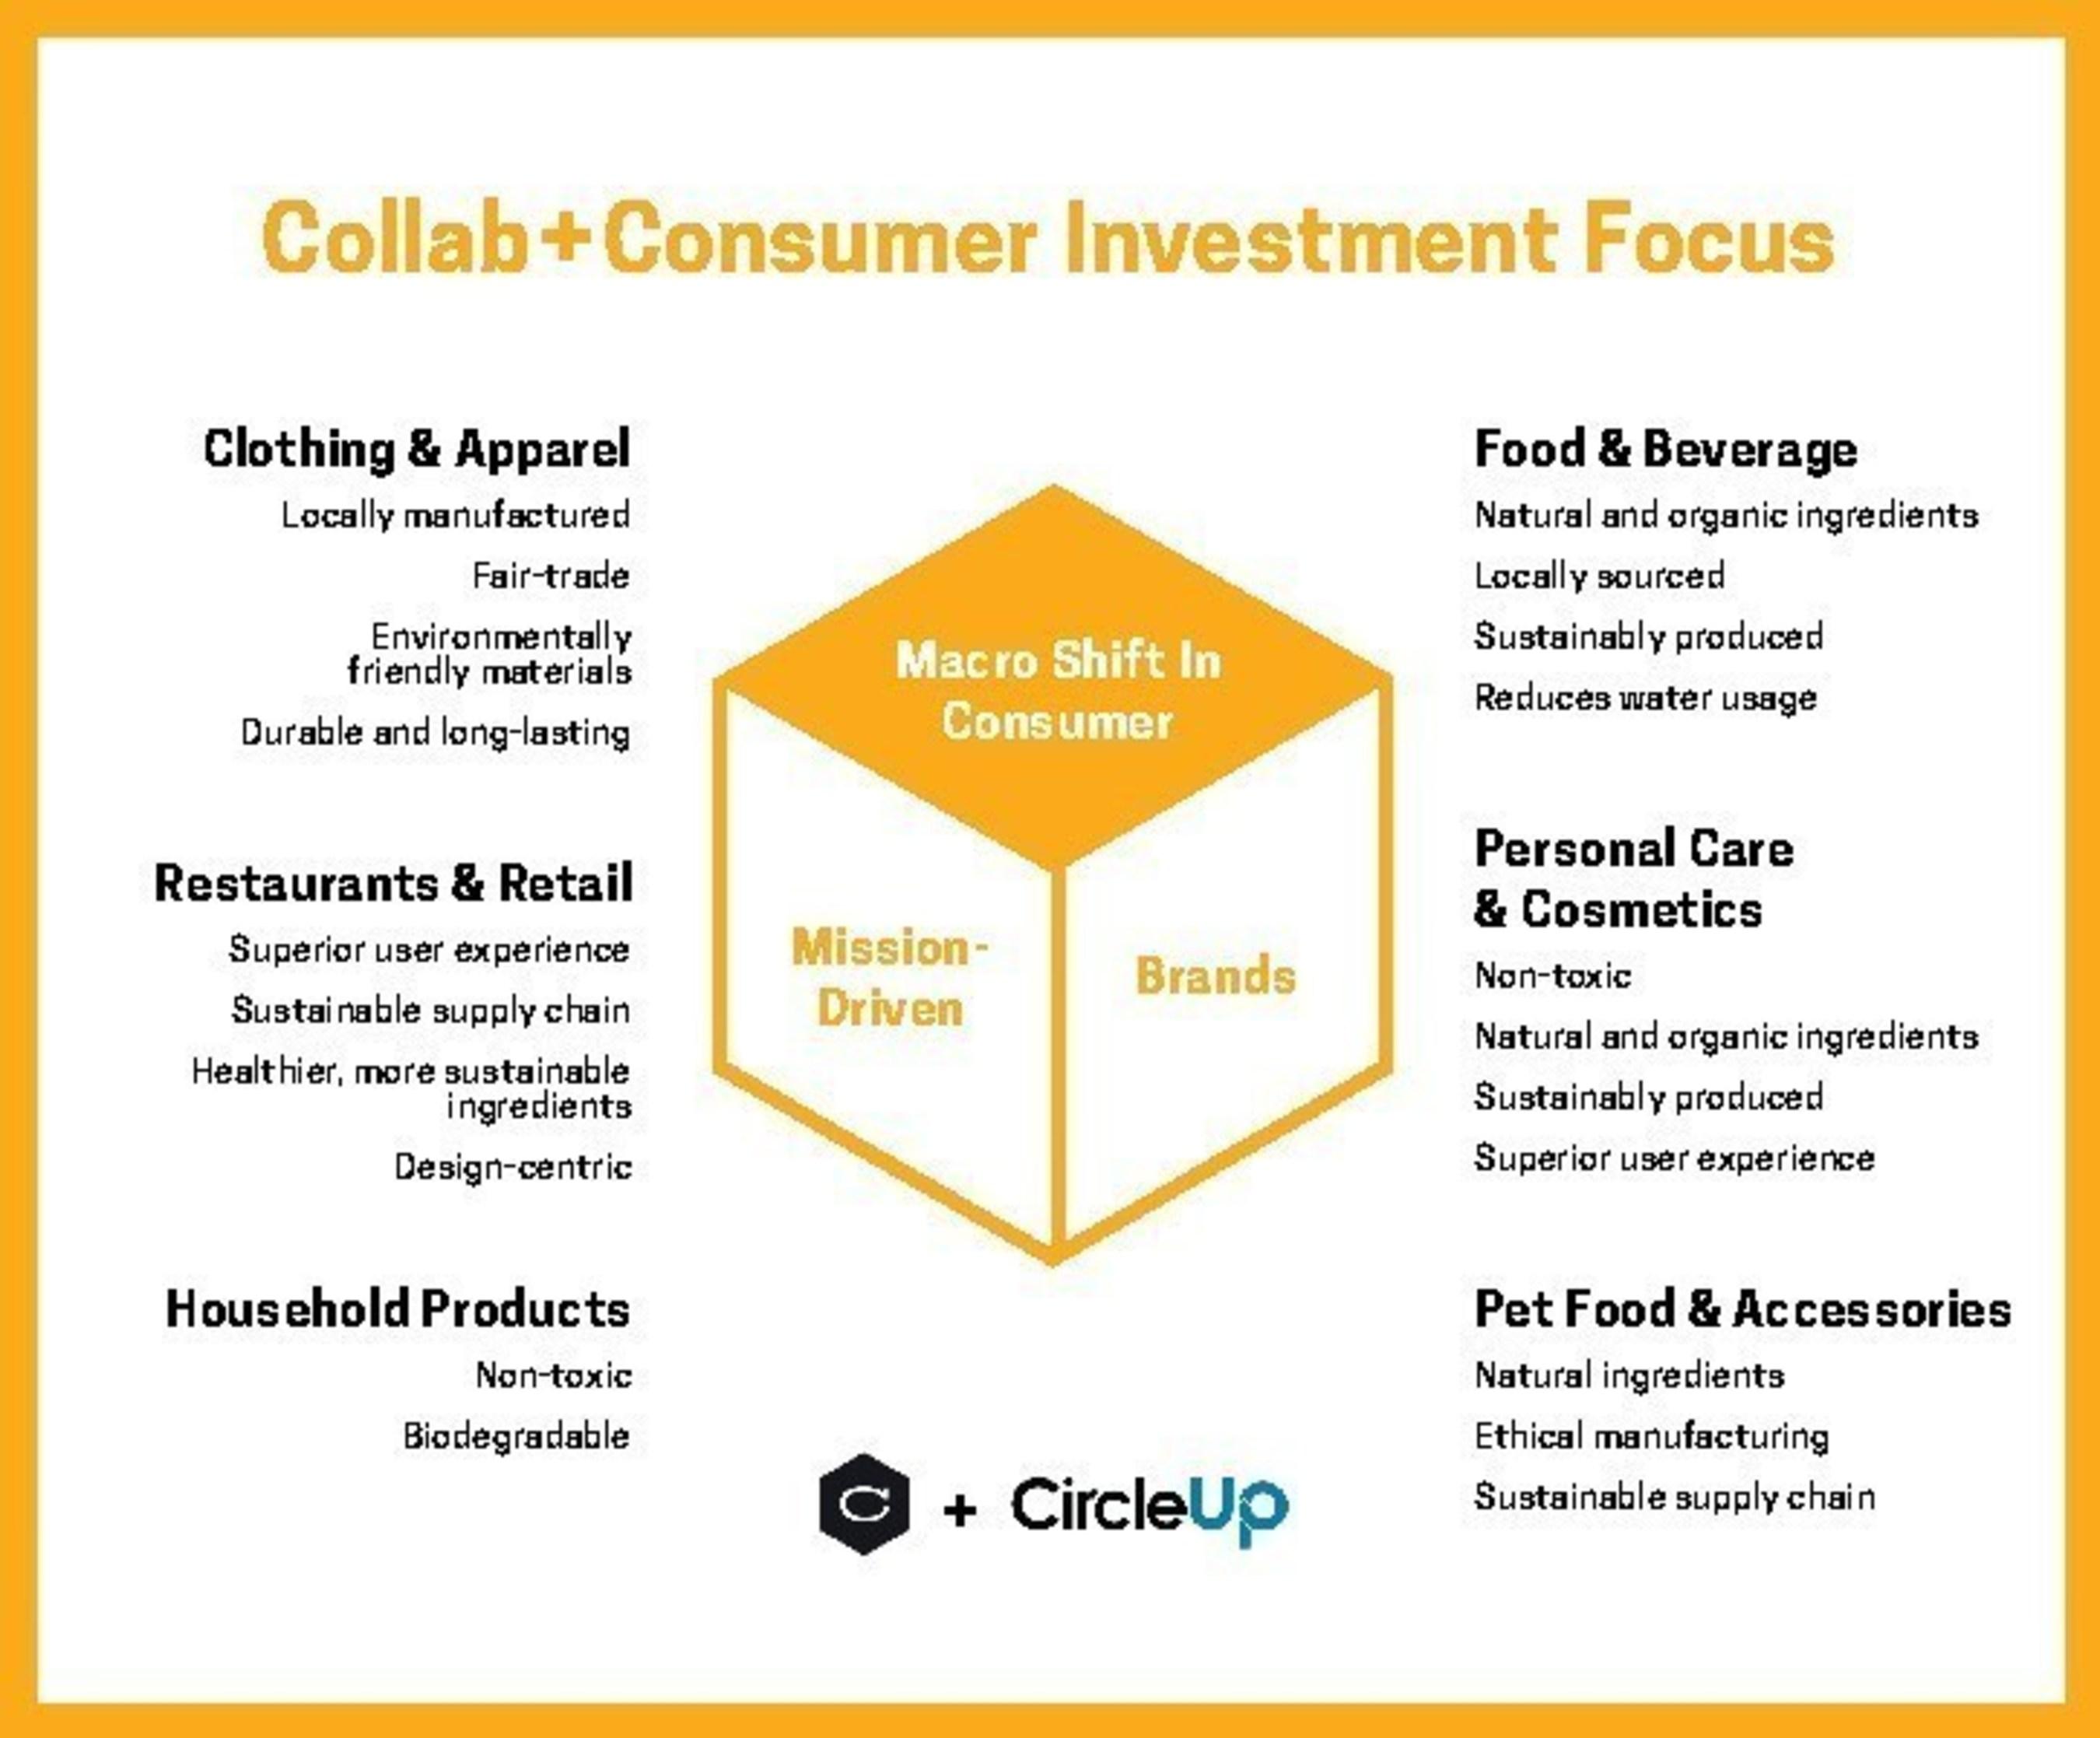 Collab+Consumer Investment Focuses